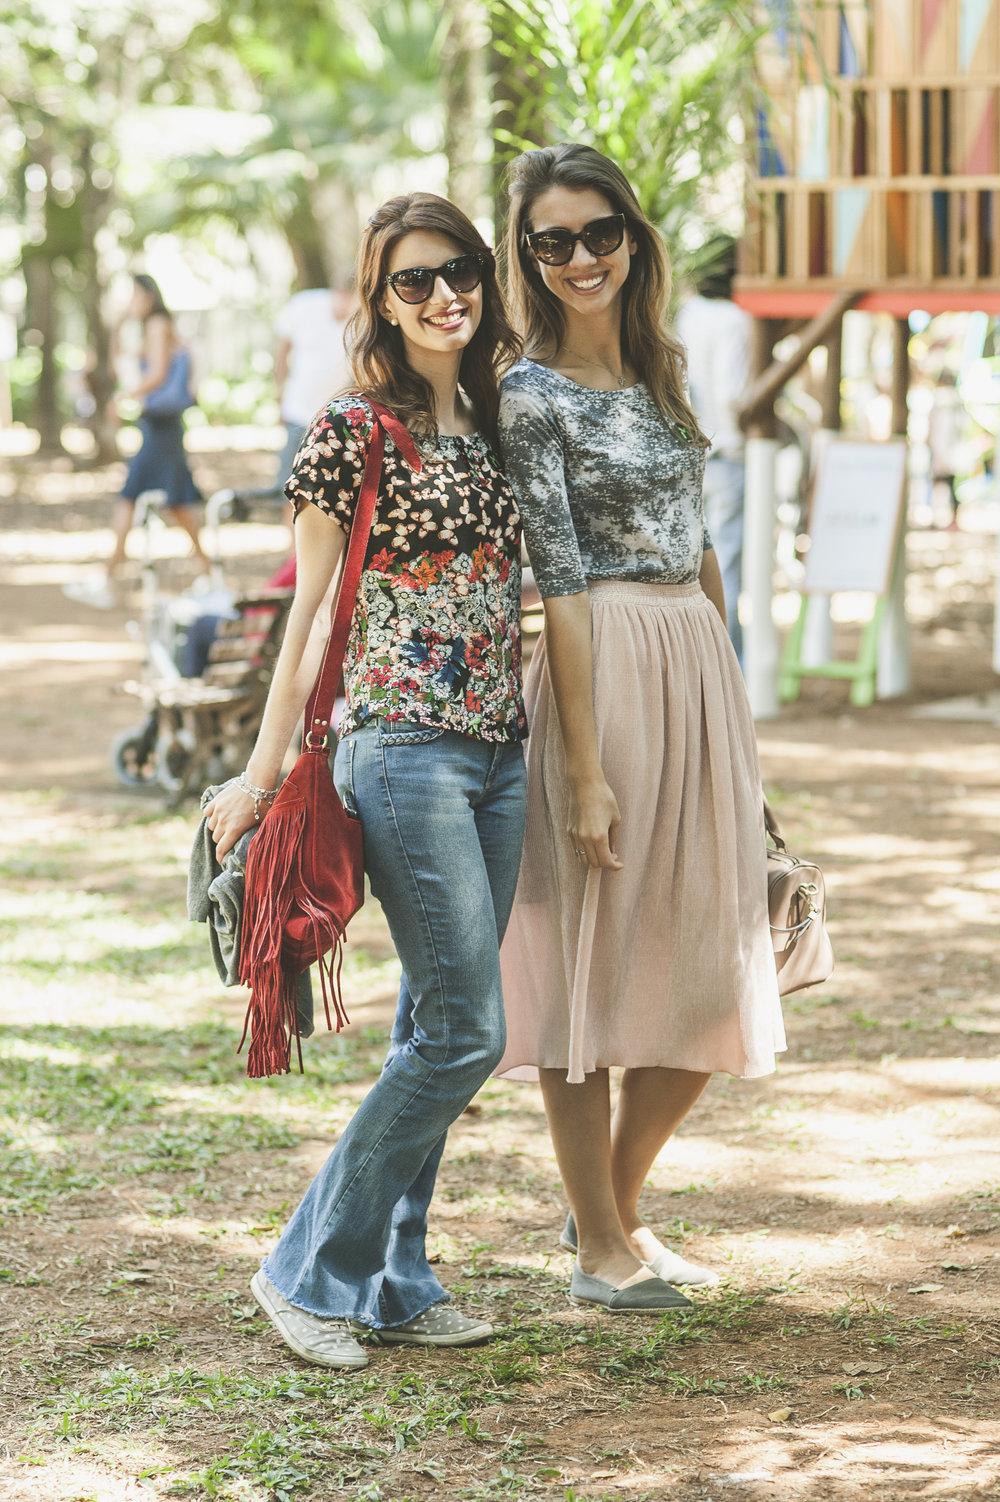 Deborah Bulow, 25, levou a amiga Priscila Gomes, 25, para aproveitar o fim de semana no festival e participar da oficina de café coado da   O Cabral .  As duas valorizam comprar de quem faz e queriam conferir os projetos manuais que há tempos acompanham pelo Instagram.